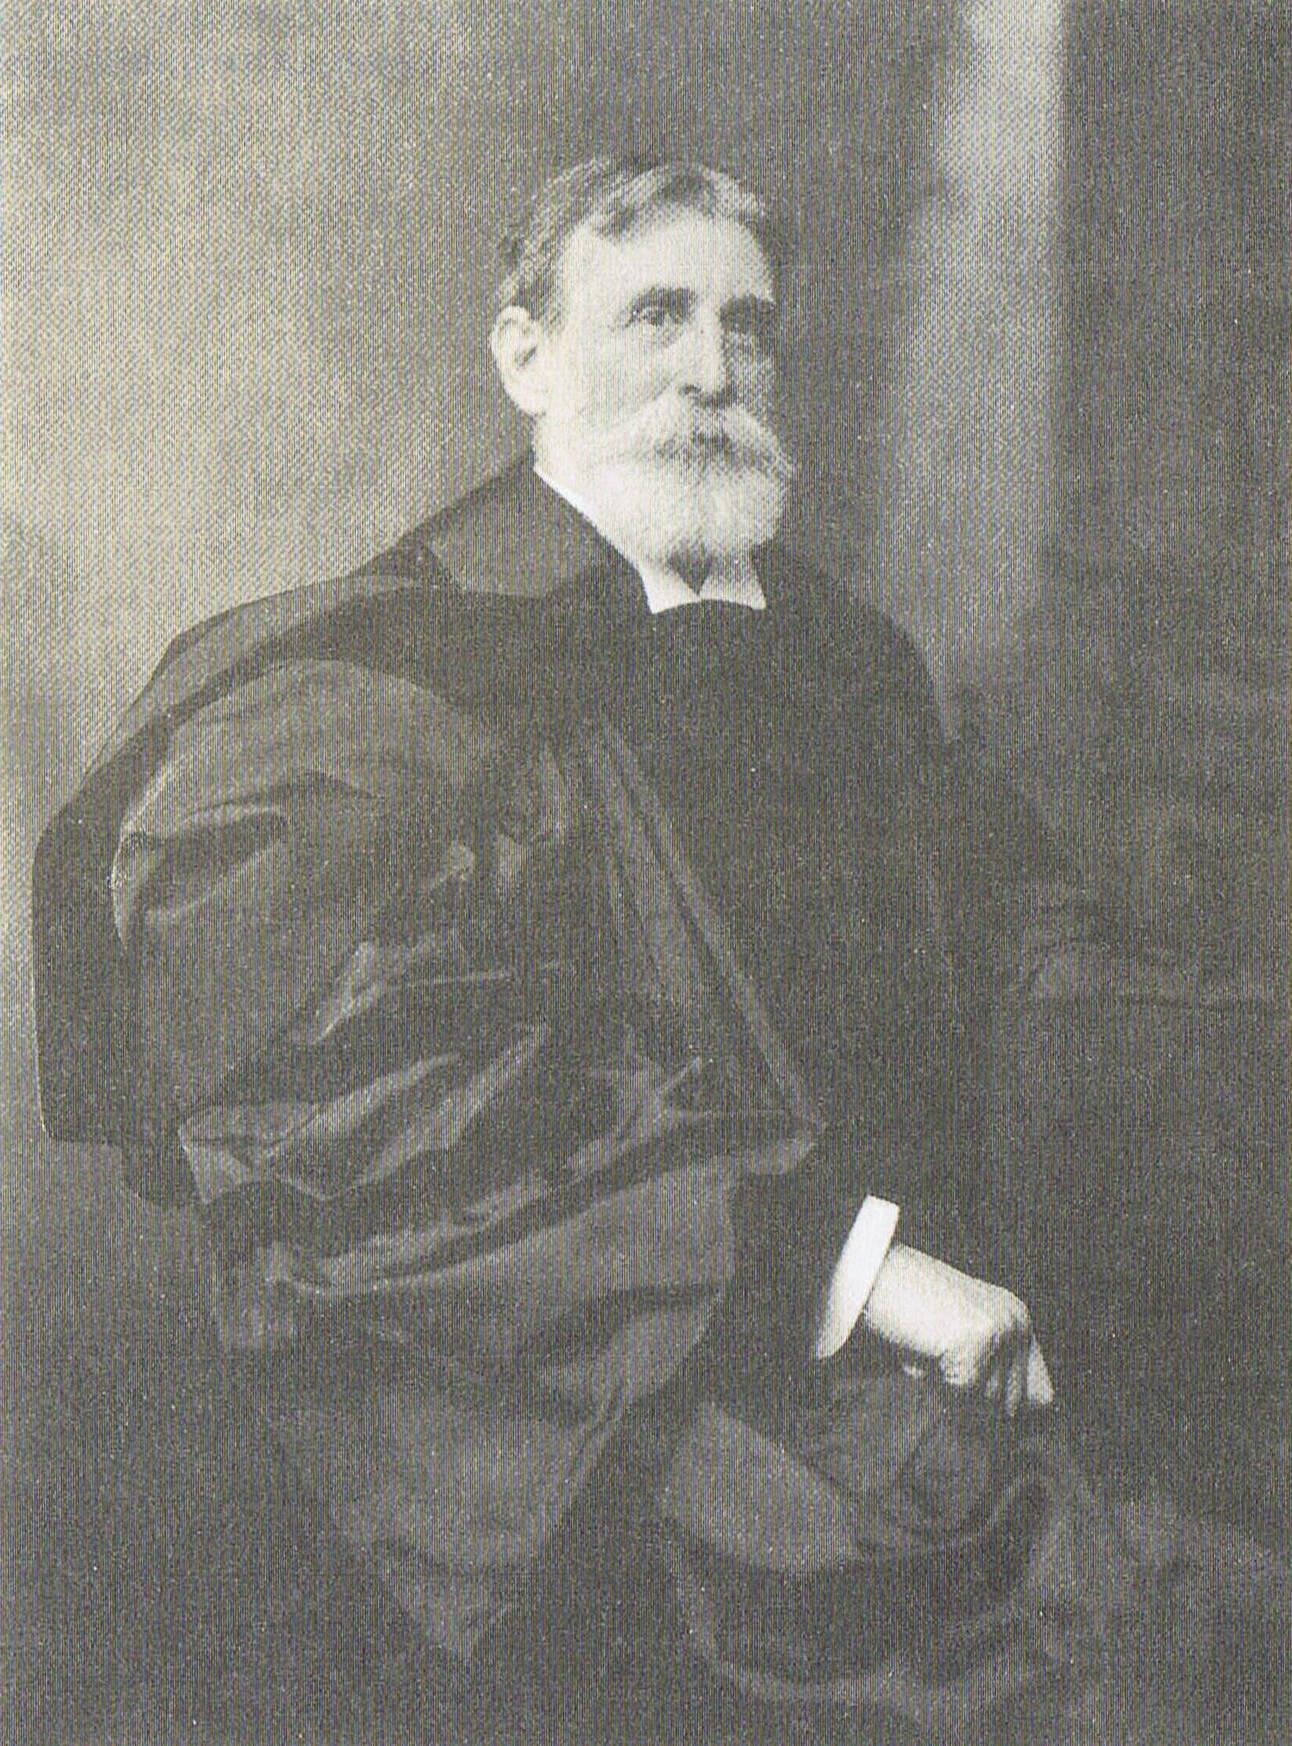 https://upload.wikimedia.org/wikipedia/commons/f/f4/Benjamin_Breckinridge_Warfield.jpg